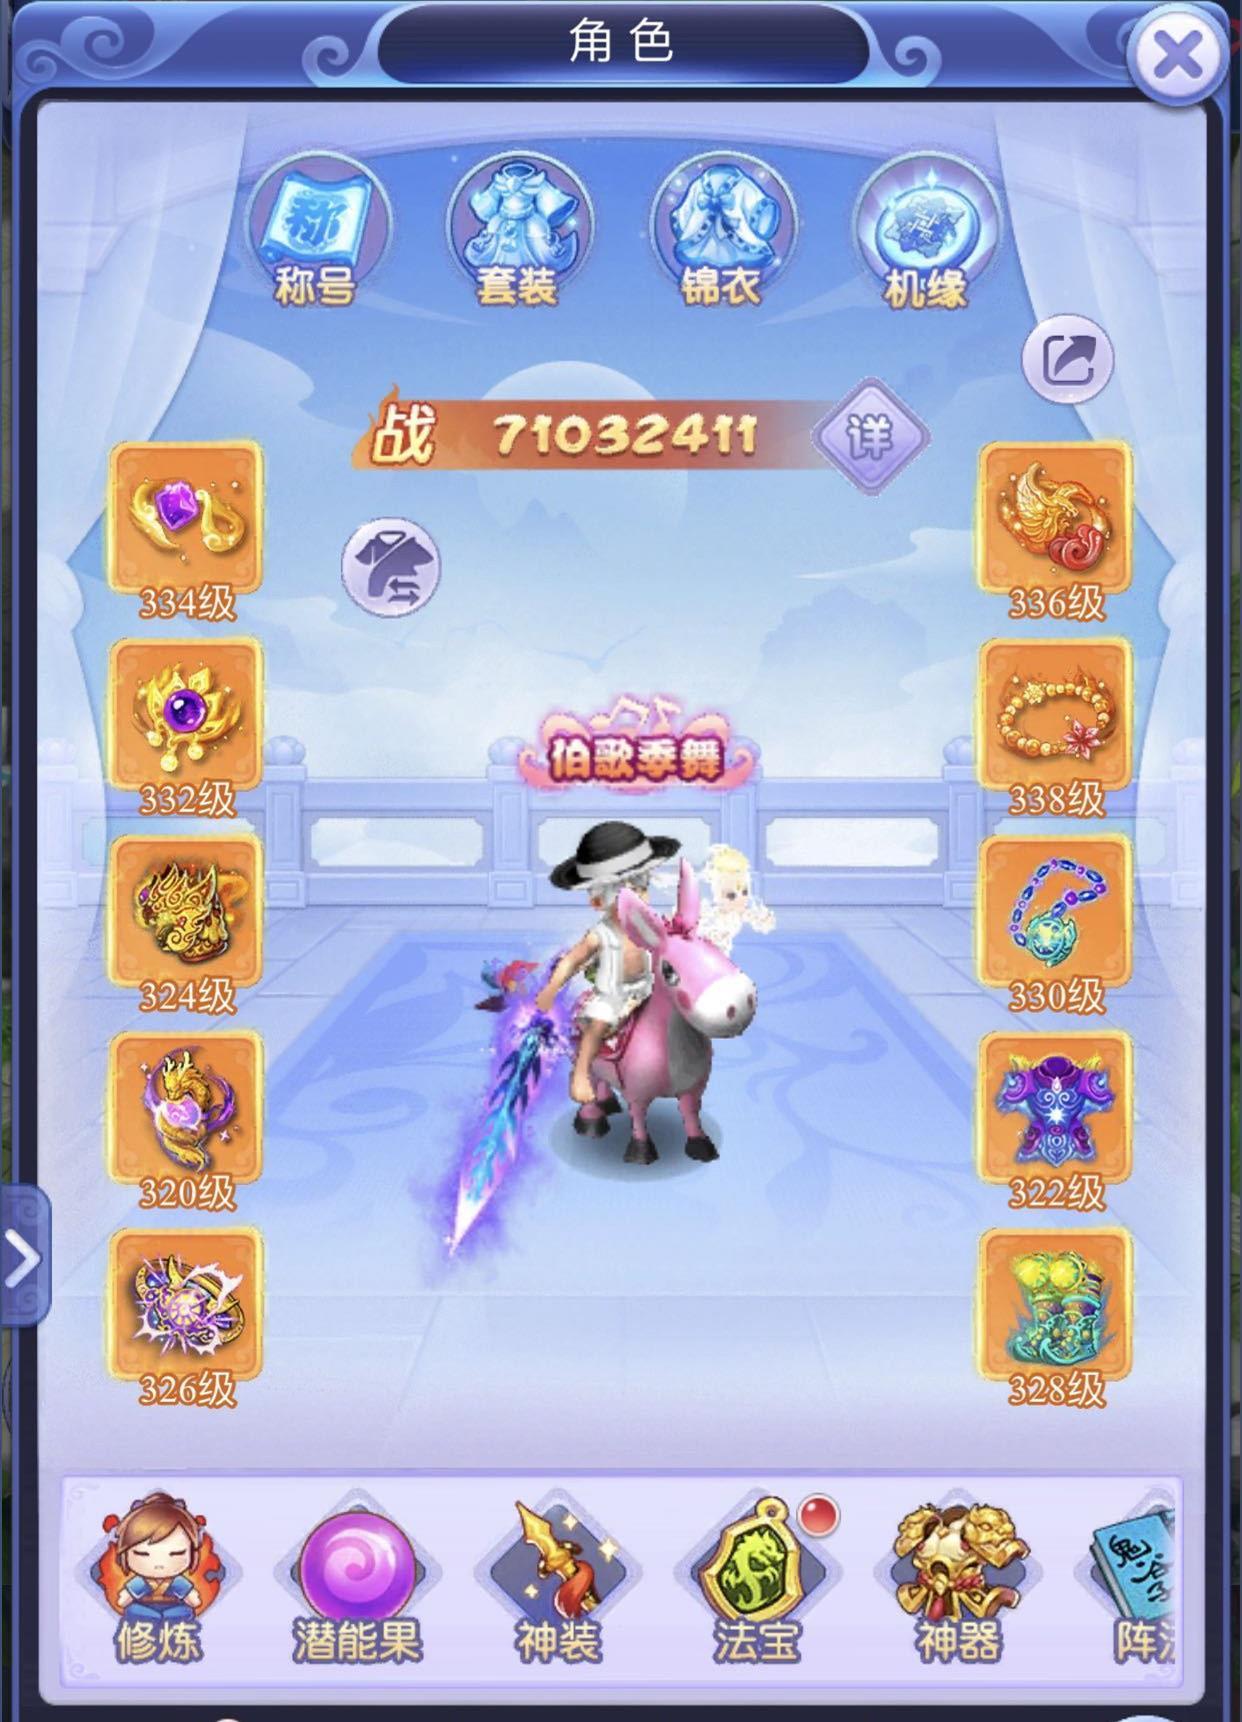 艾瑞达双子_梦幻西游网页版:战力7100W、4金伙伴,玩家分享努力成果,实力强